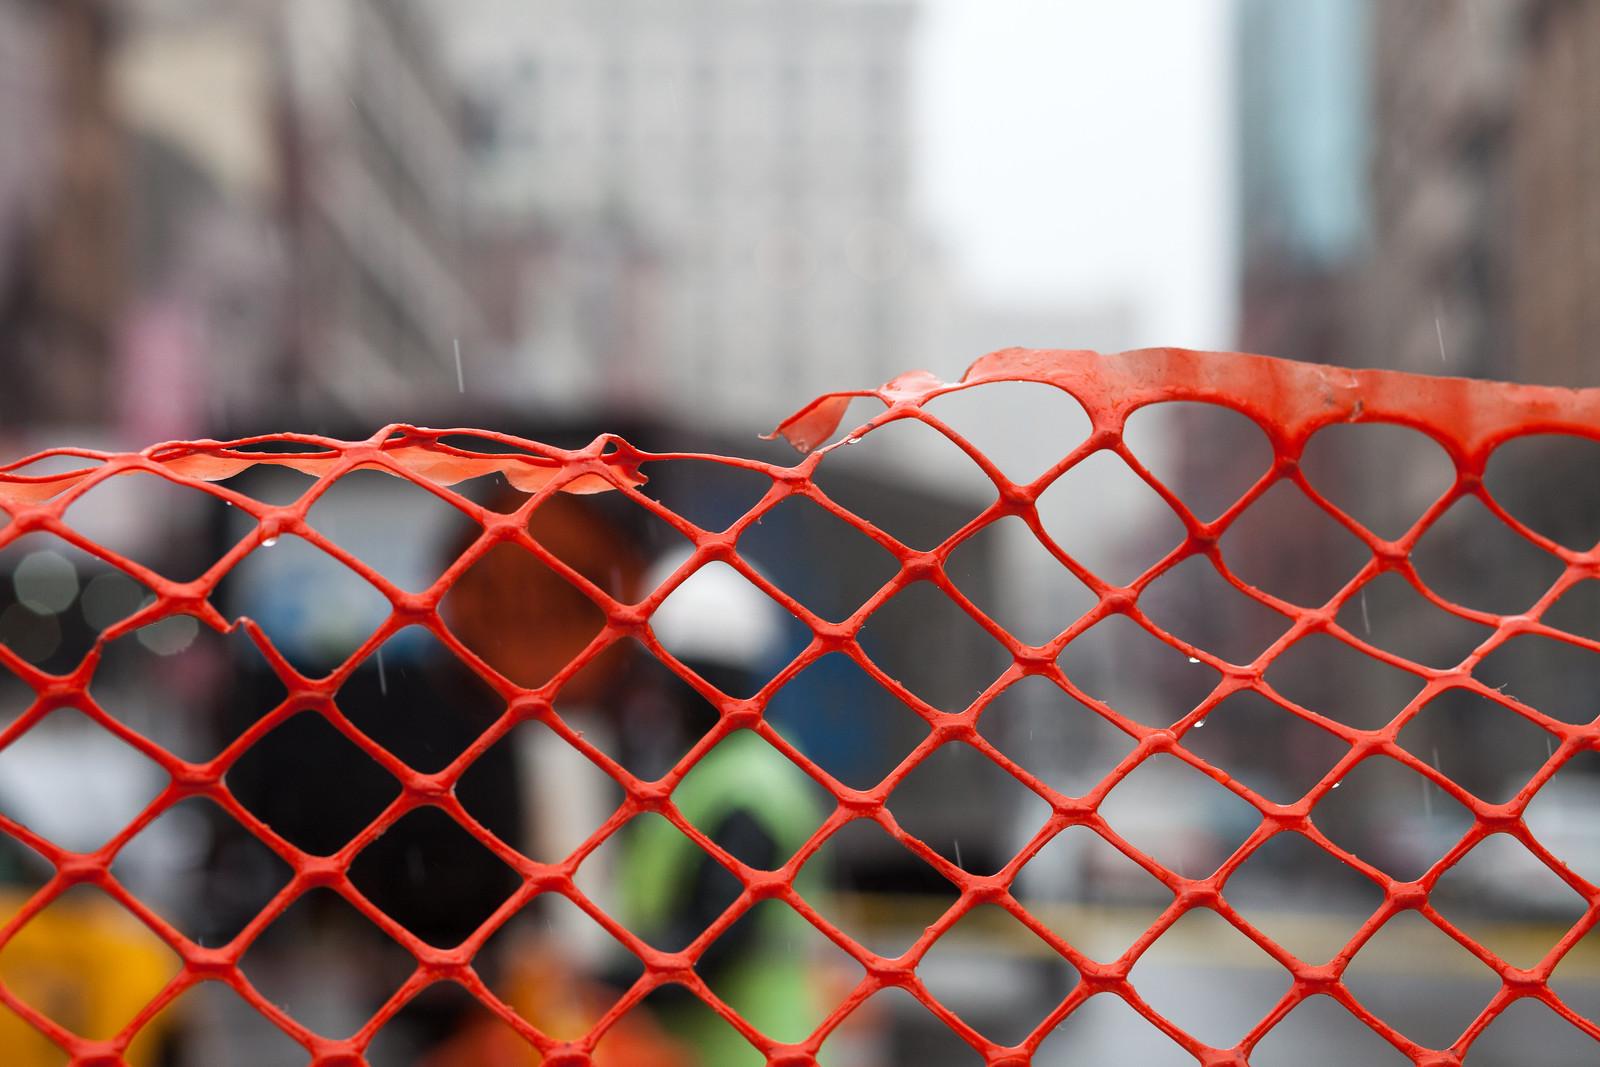 Orange Netting by wwward0